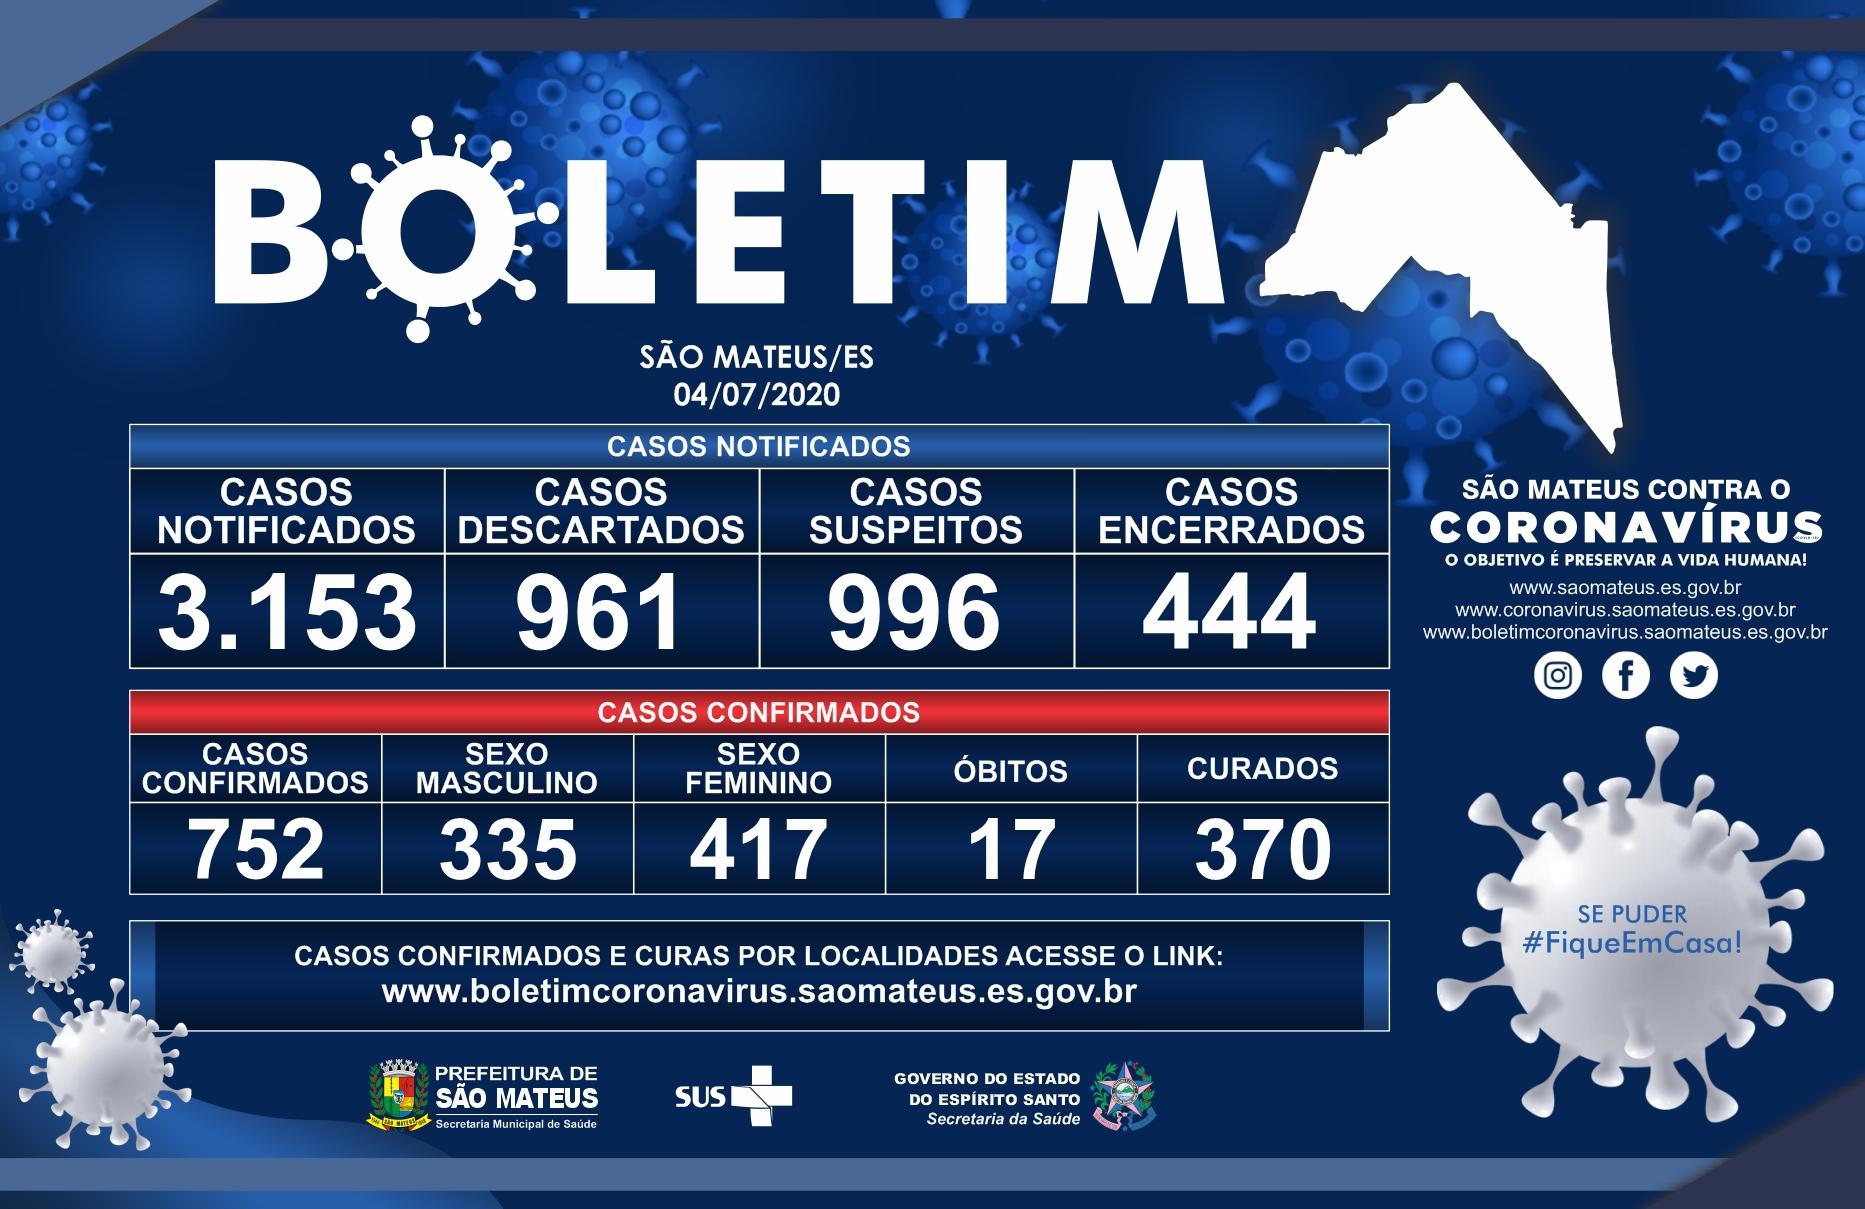 SÁBADO 04/07/2020: MAIS 23 CASOS CONFIRMADOS DE CORONAVÍRUS EM SÃO MATEUS